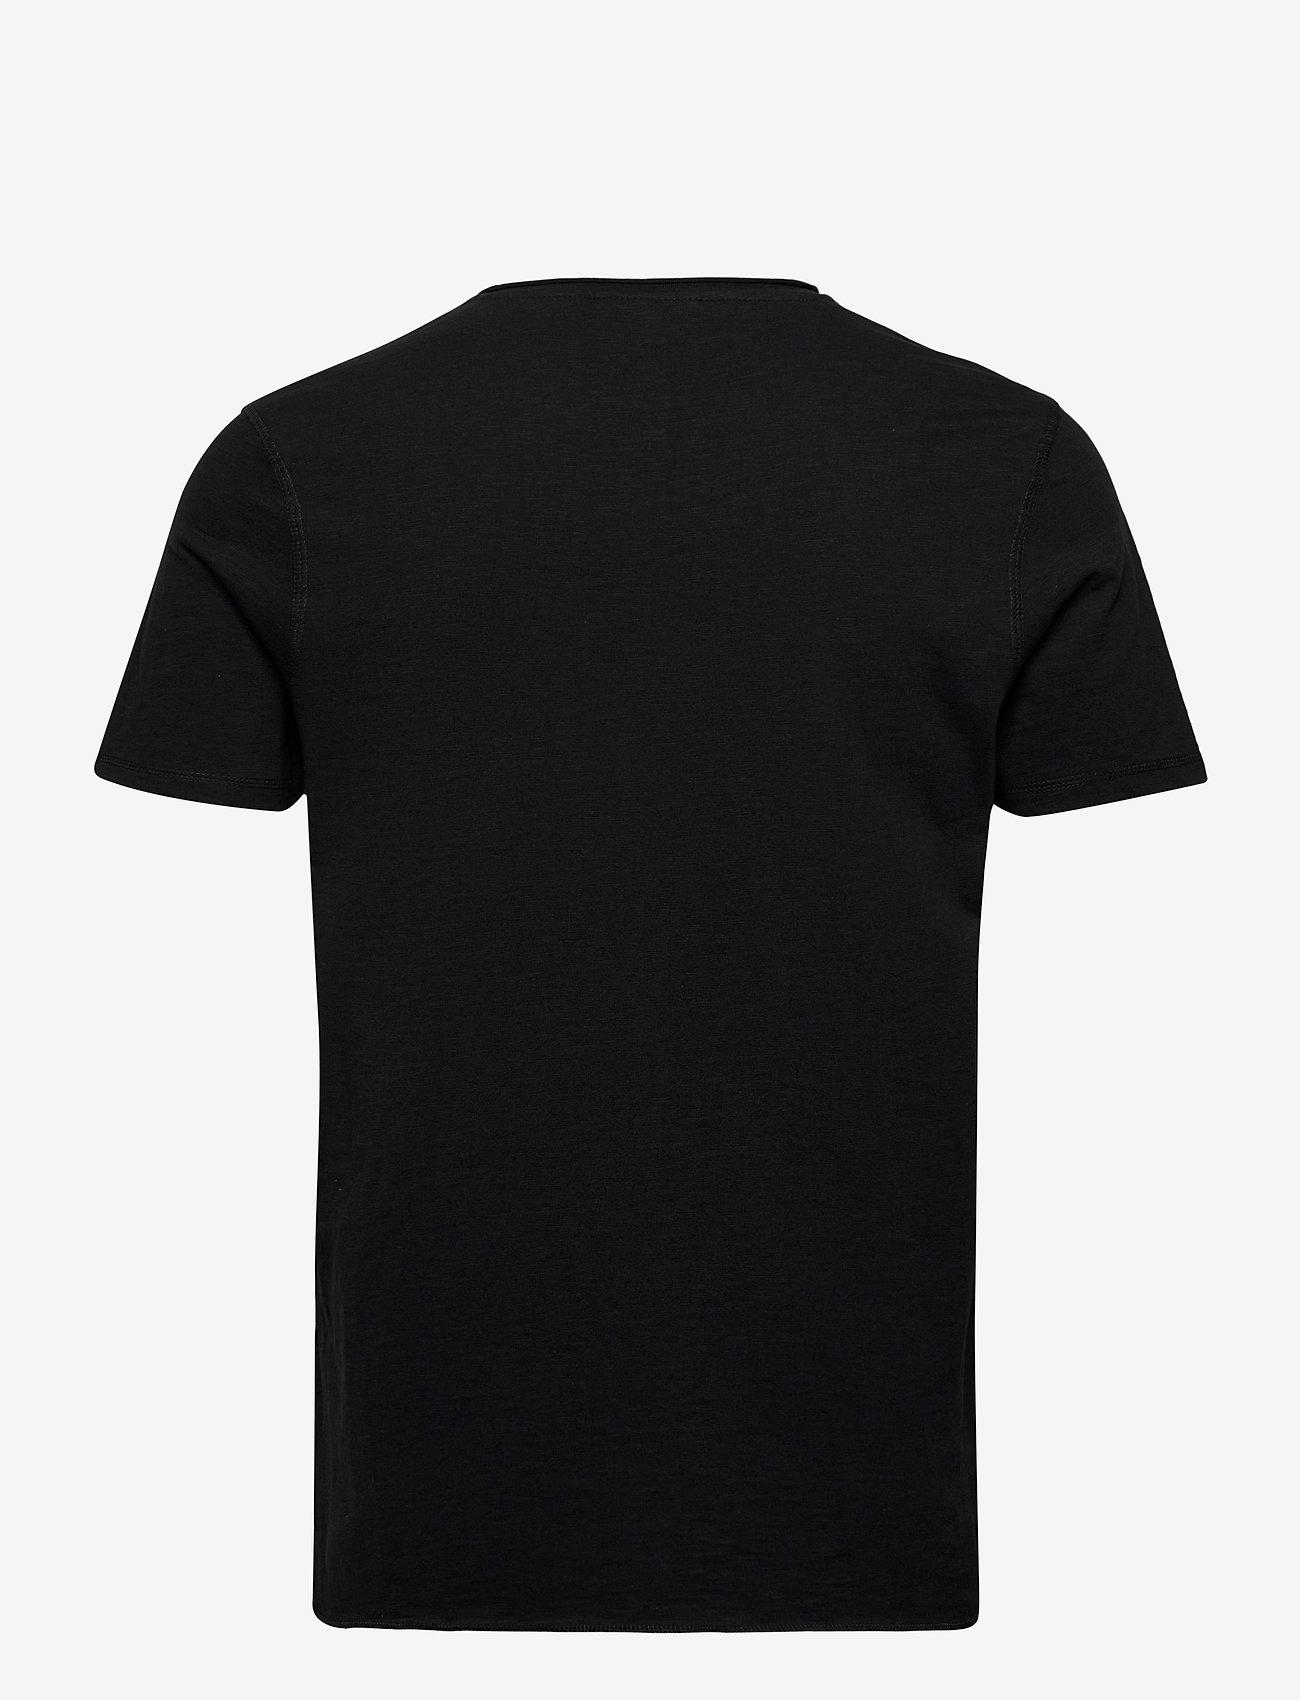 Lindbergh Raw o-neck tee S/S - T-skjorter BLACK - Menn Klær